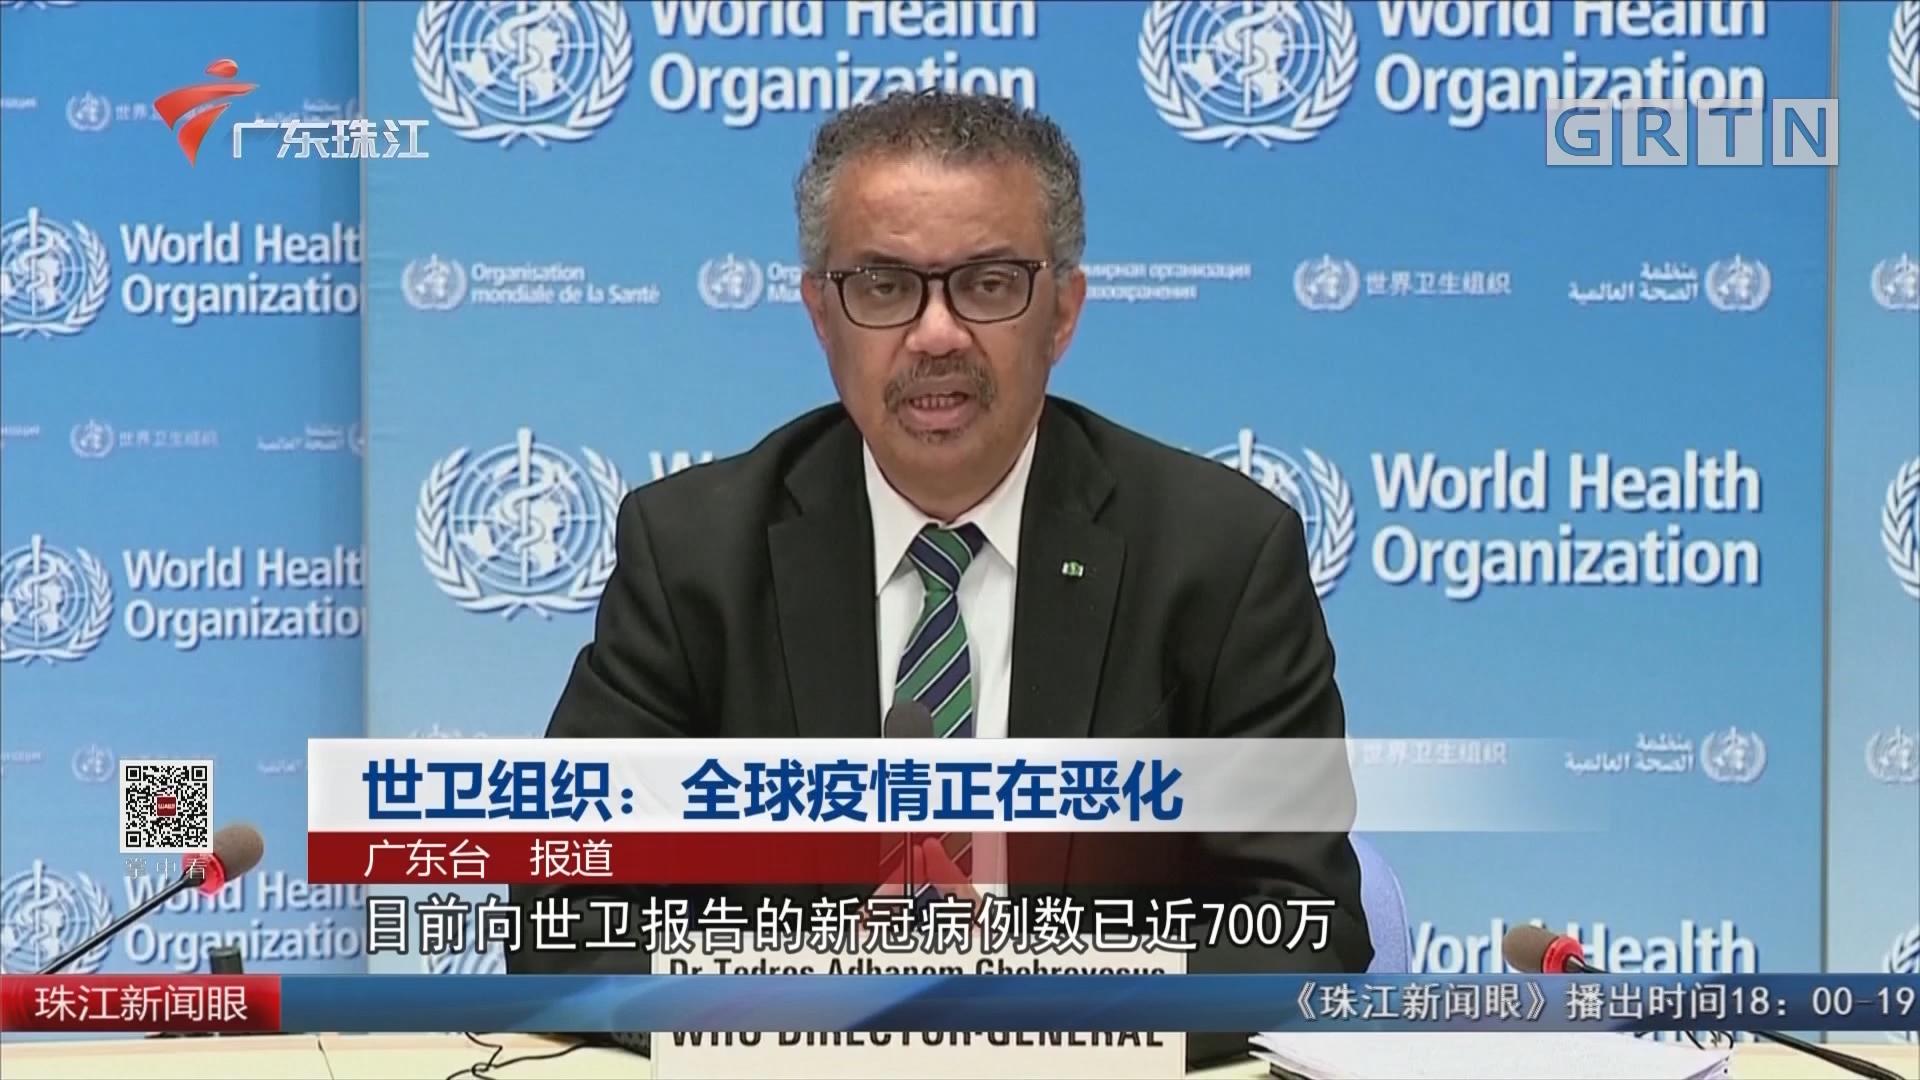 世衛組織:全球疫情正在惡化